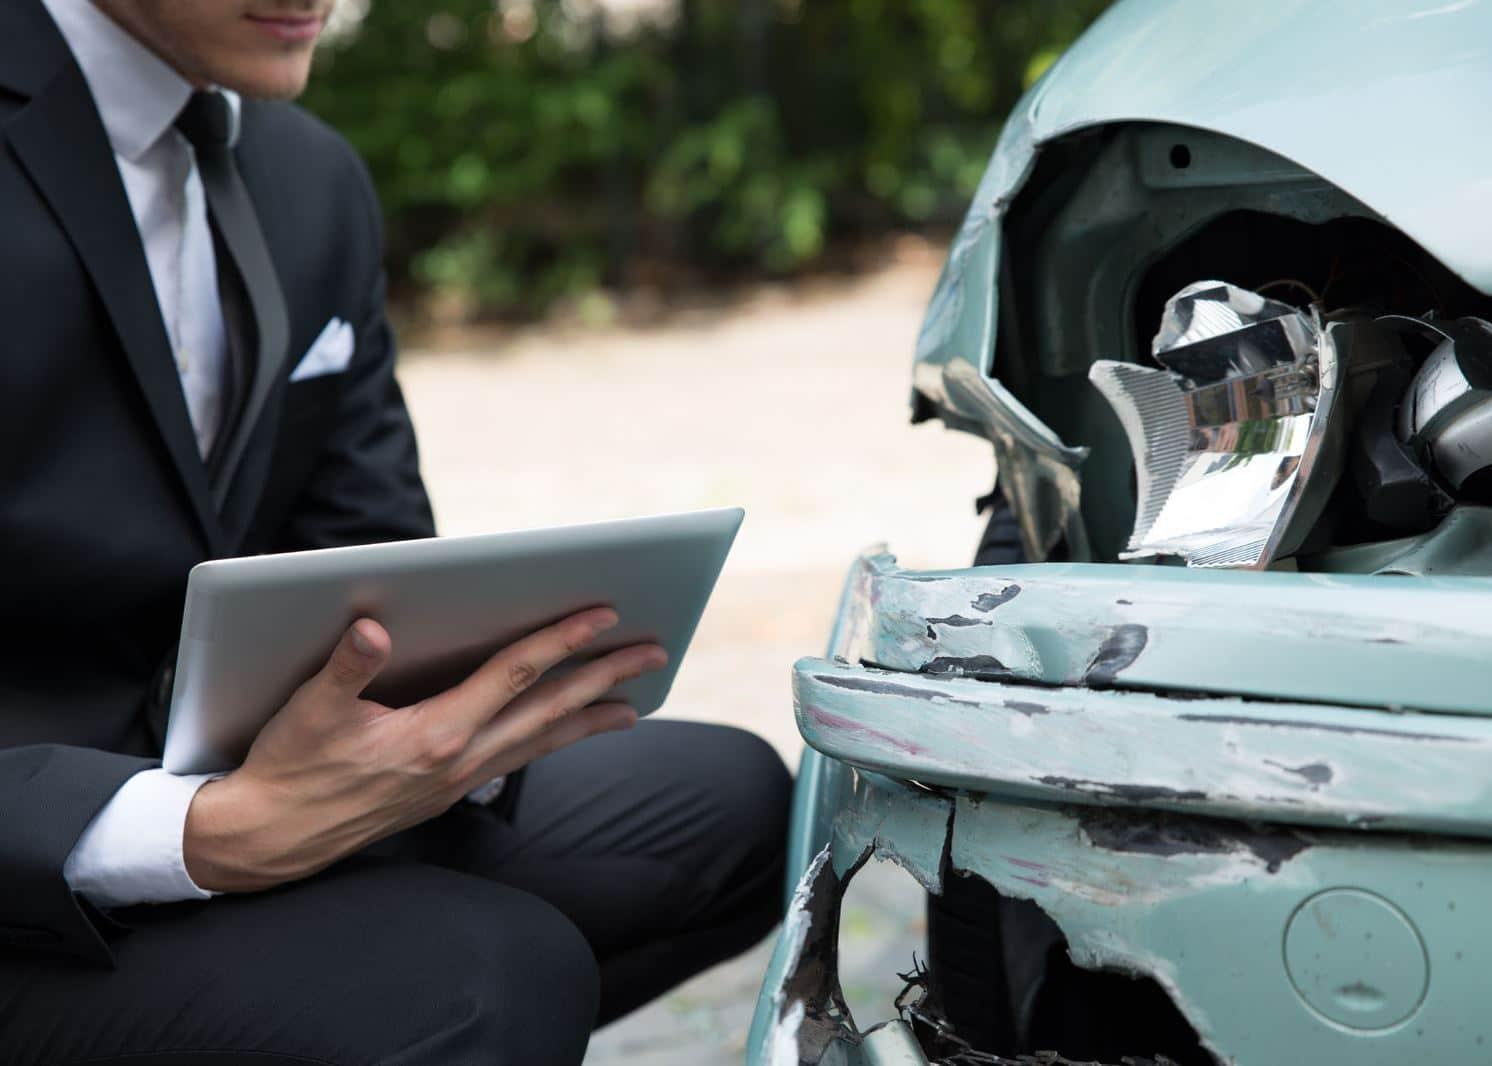 Trouver une assurance auto malgré un accident dont vous êtes fautif